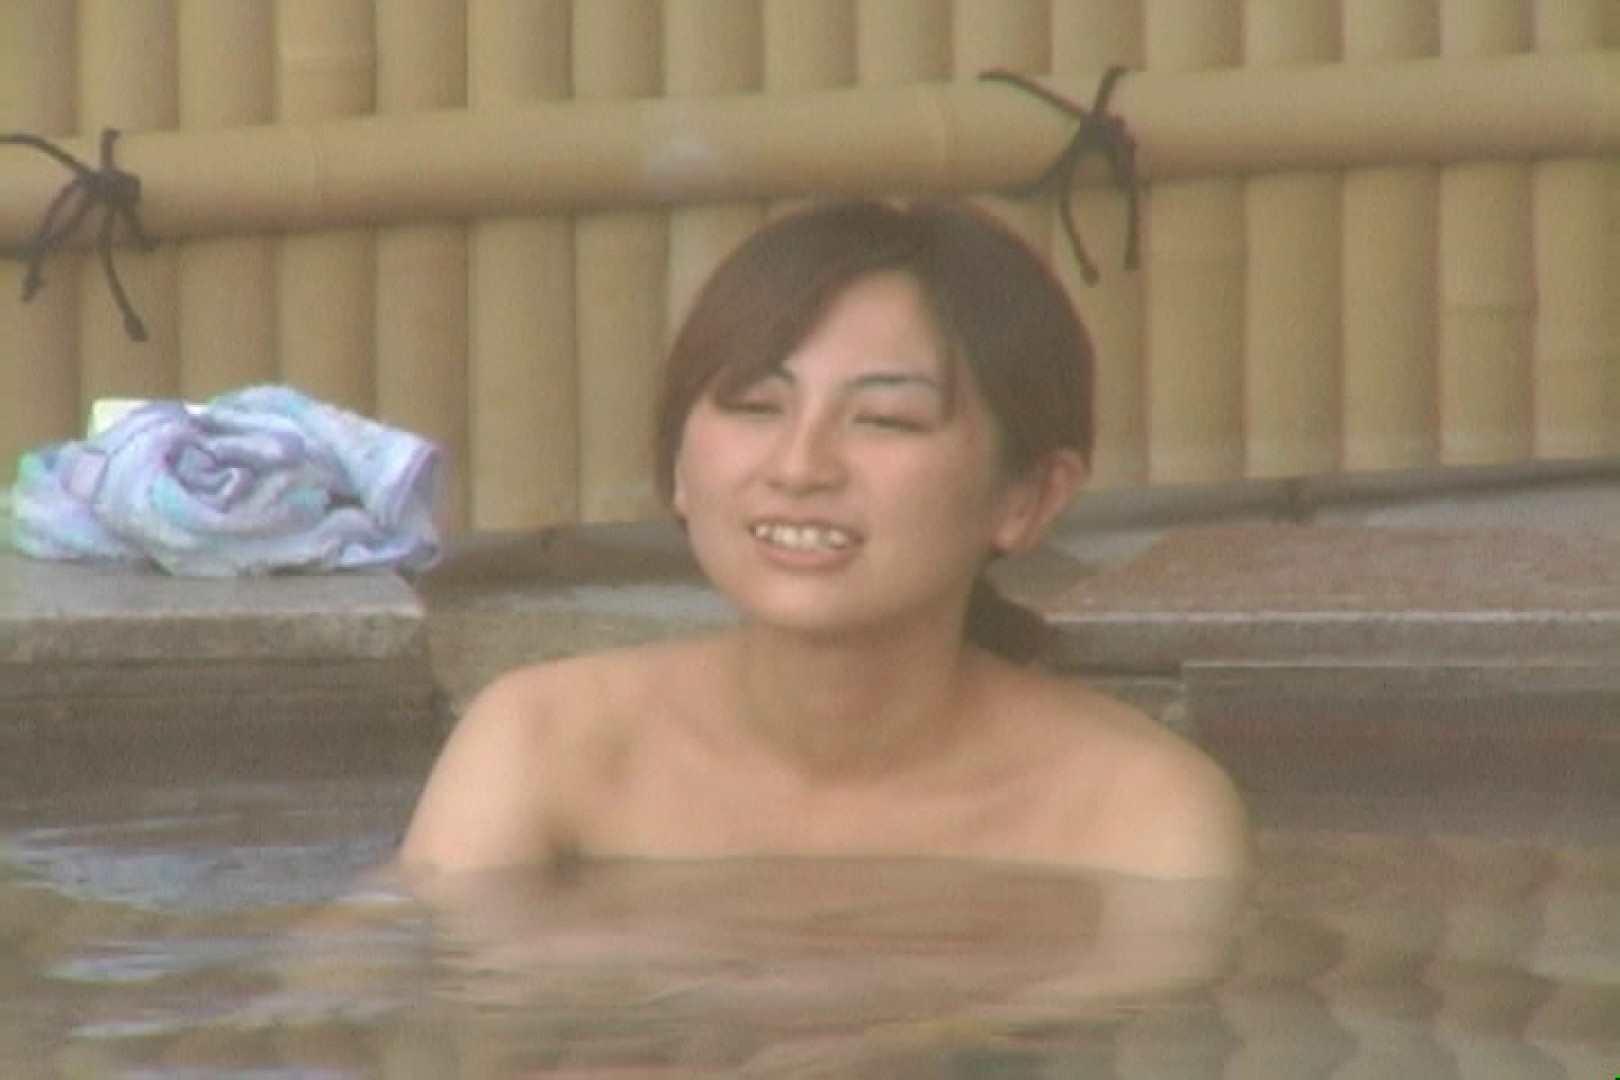 Aquaな露天風呂Vol.26【VIP】 露天 | 盗撮  59画像 28